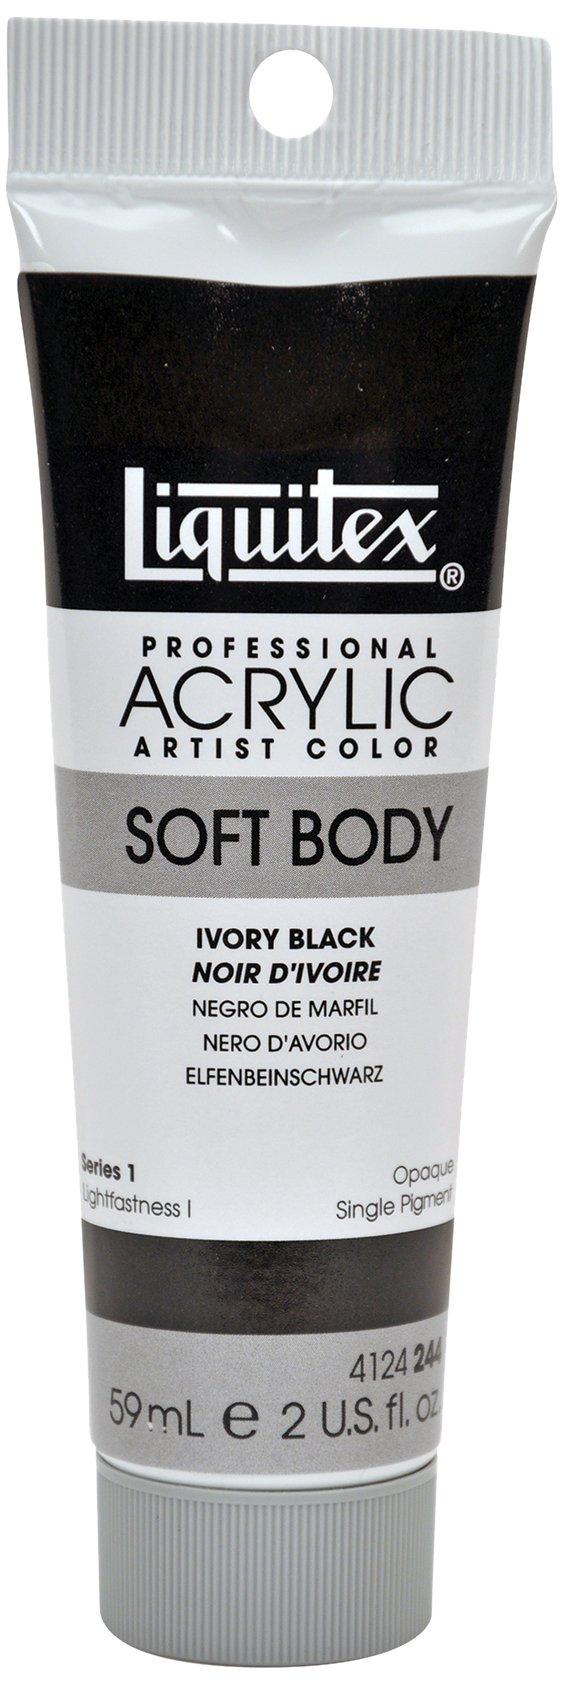 Liquitex Professional Soft Body Acrylic Paint 2-oz tube, Ivory Black